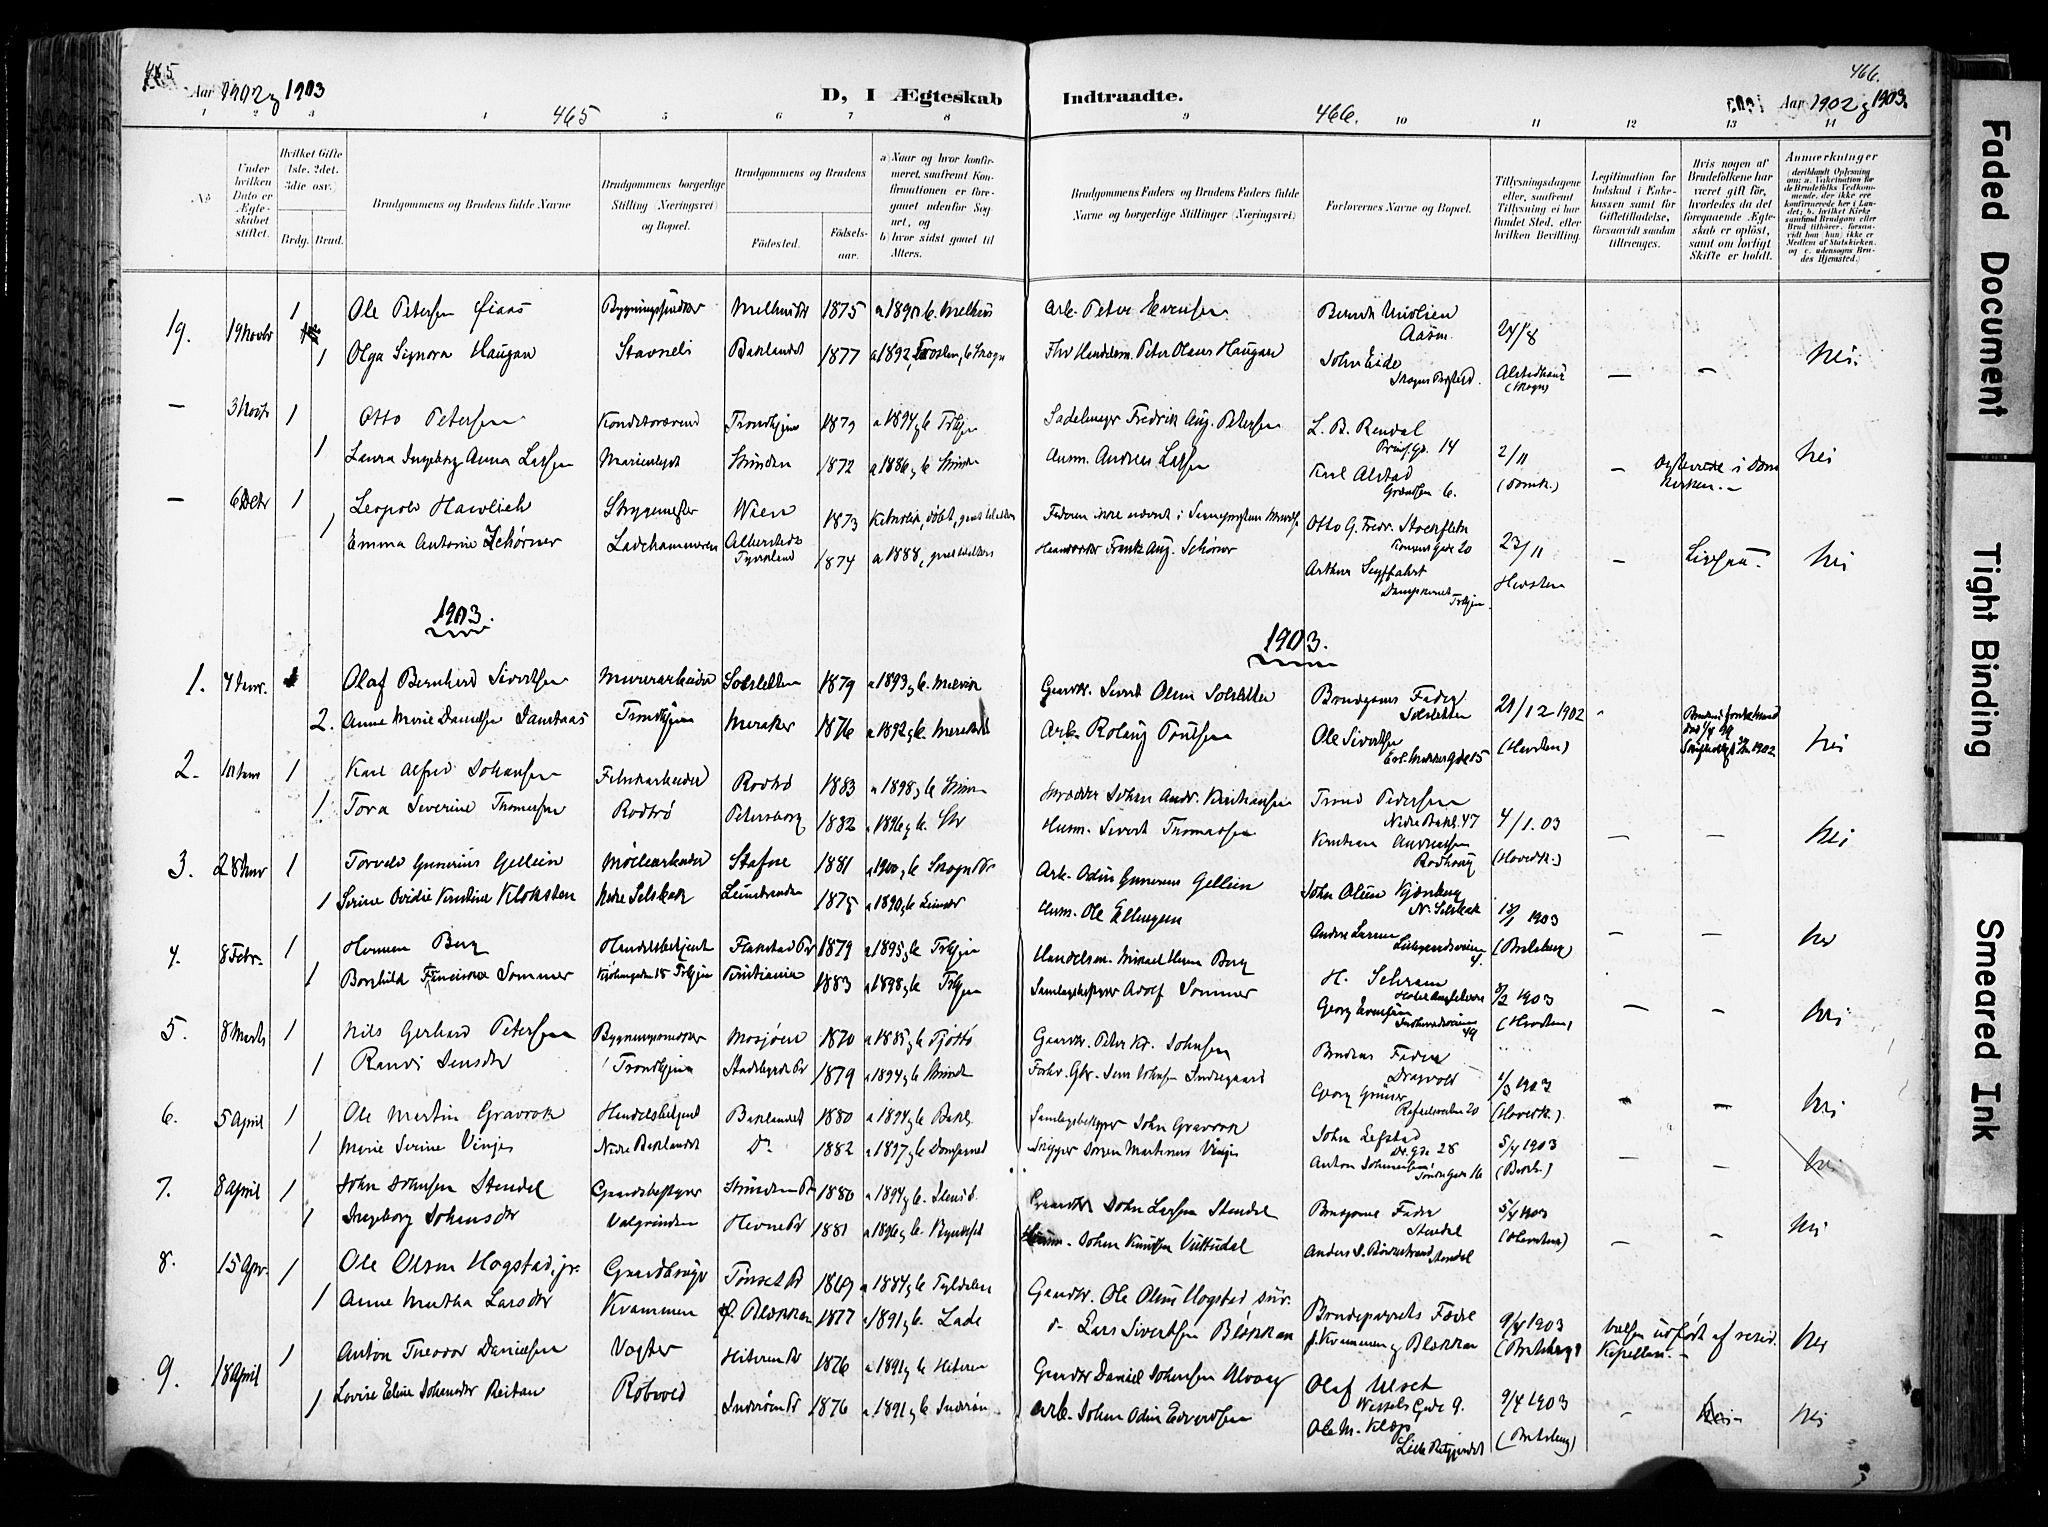 SAT, Ministerialprotokoller, klokkerbøker og fødselsregistre - Sør-Trøndelag, 606/L0301: Ministerialbok nr. 606A16, 1894-1907, s. 465-466